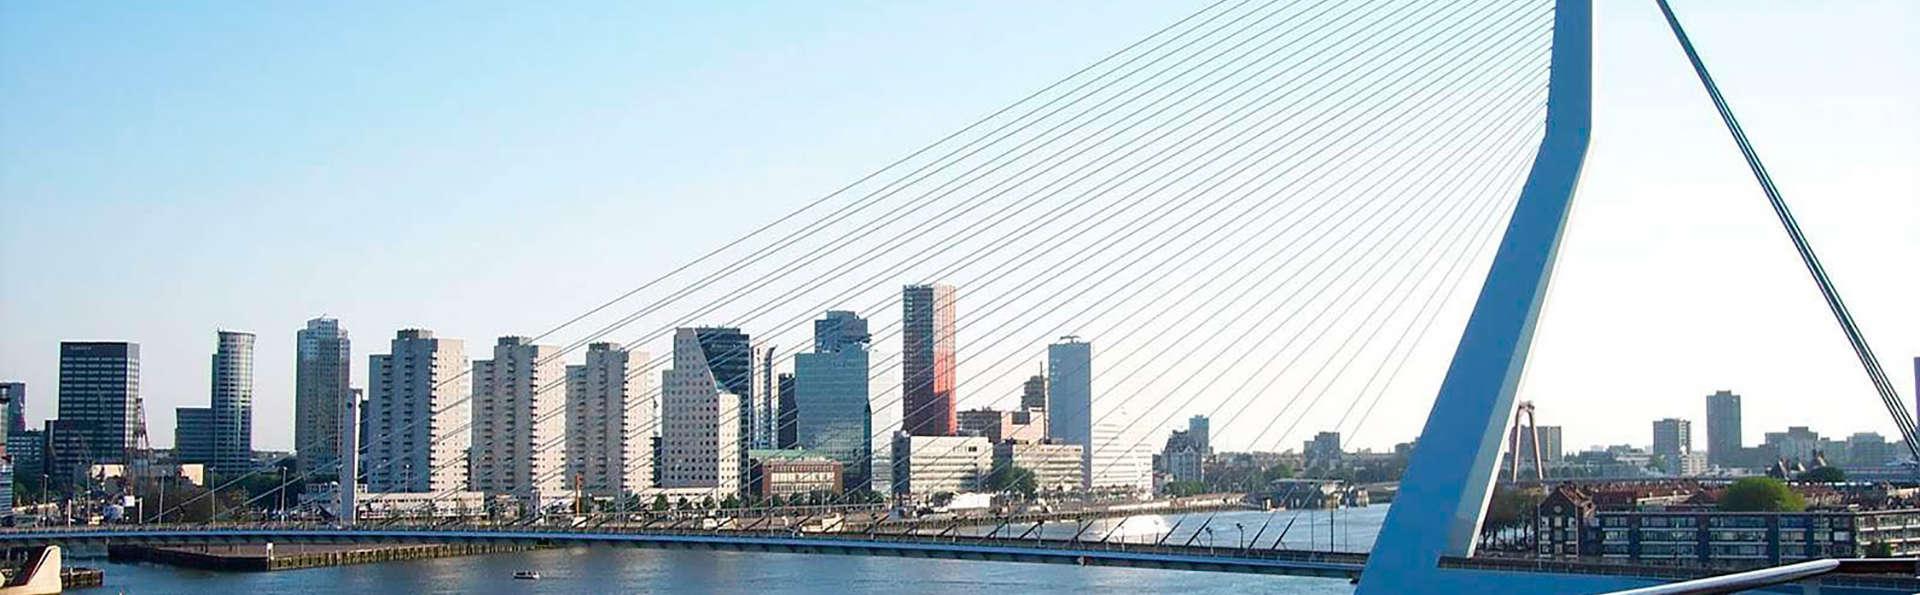 Explorez la ville portuaire de Rotterdam